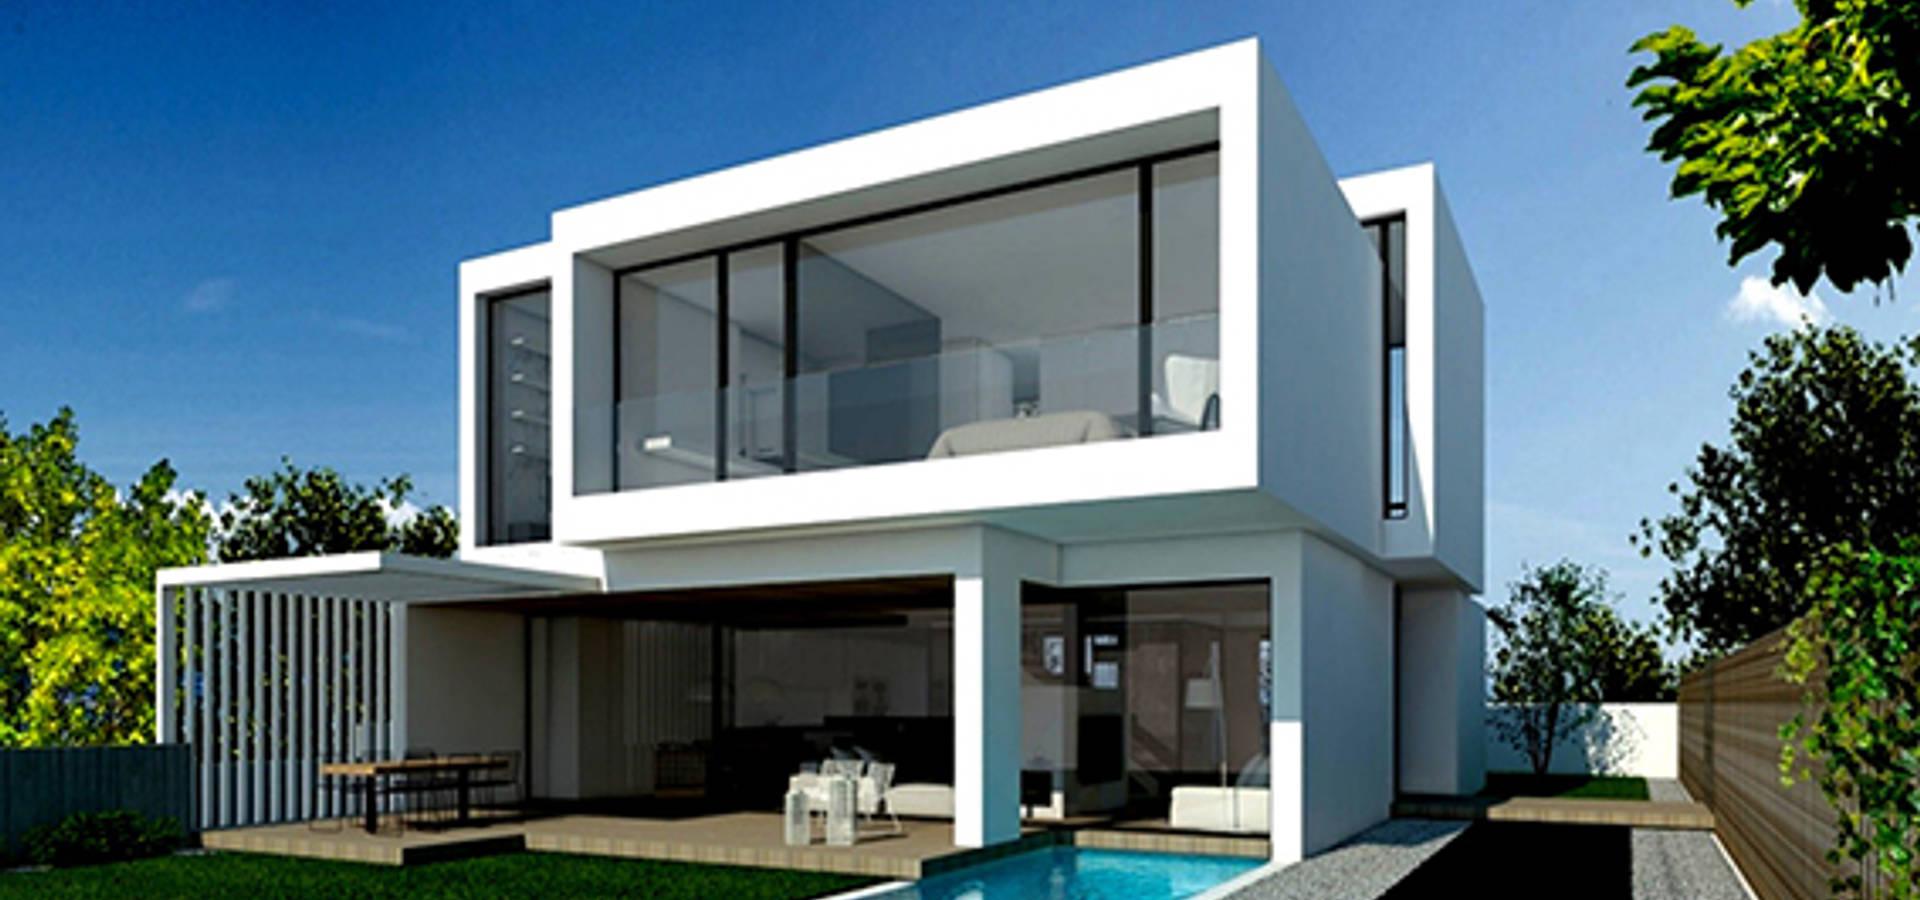 David Freitas Arquitecto